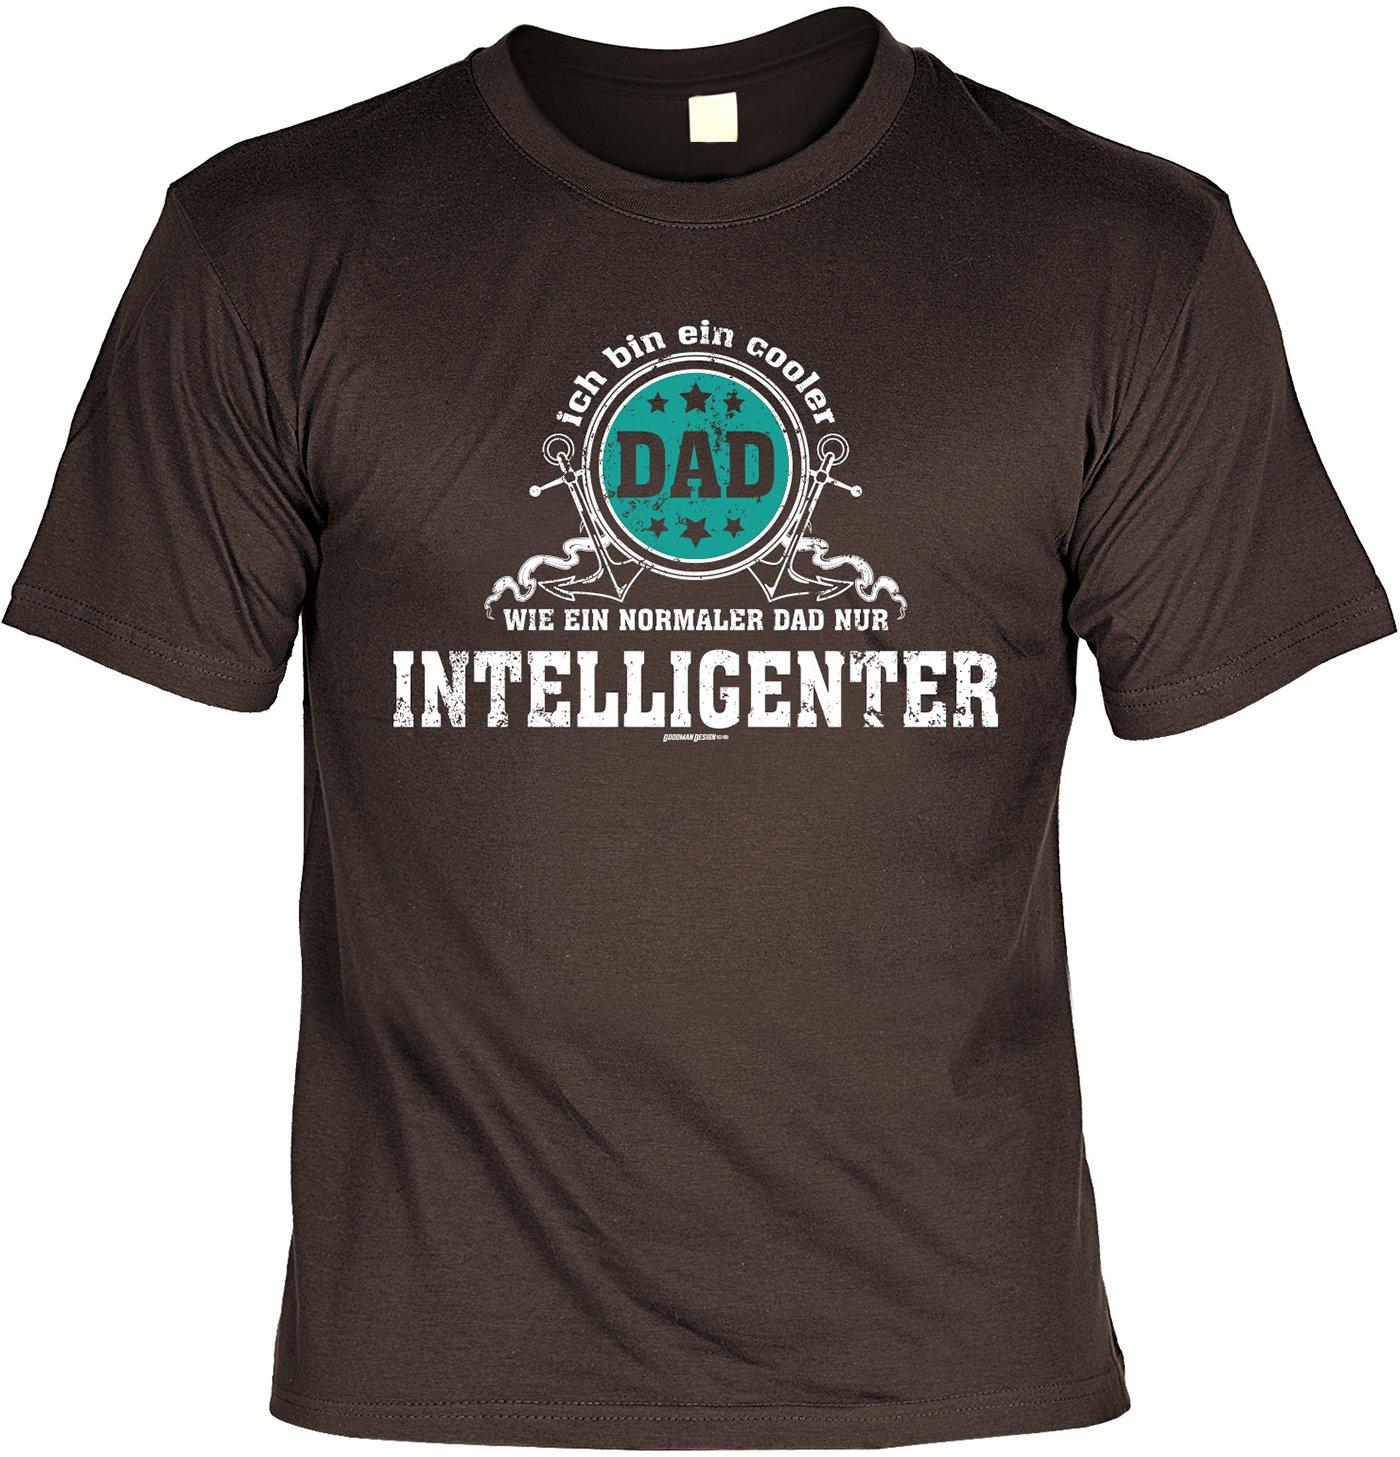 T-Shirt zum Geburtstag, Vatertag - Ich bin ein cooler Dad... nur  intelligenter - Funshirt, Farbe: braun: Amazon.de: Bekleidung